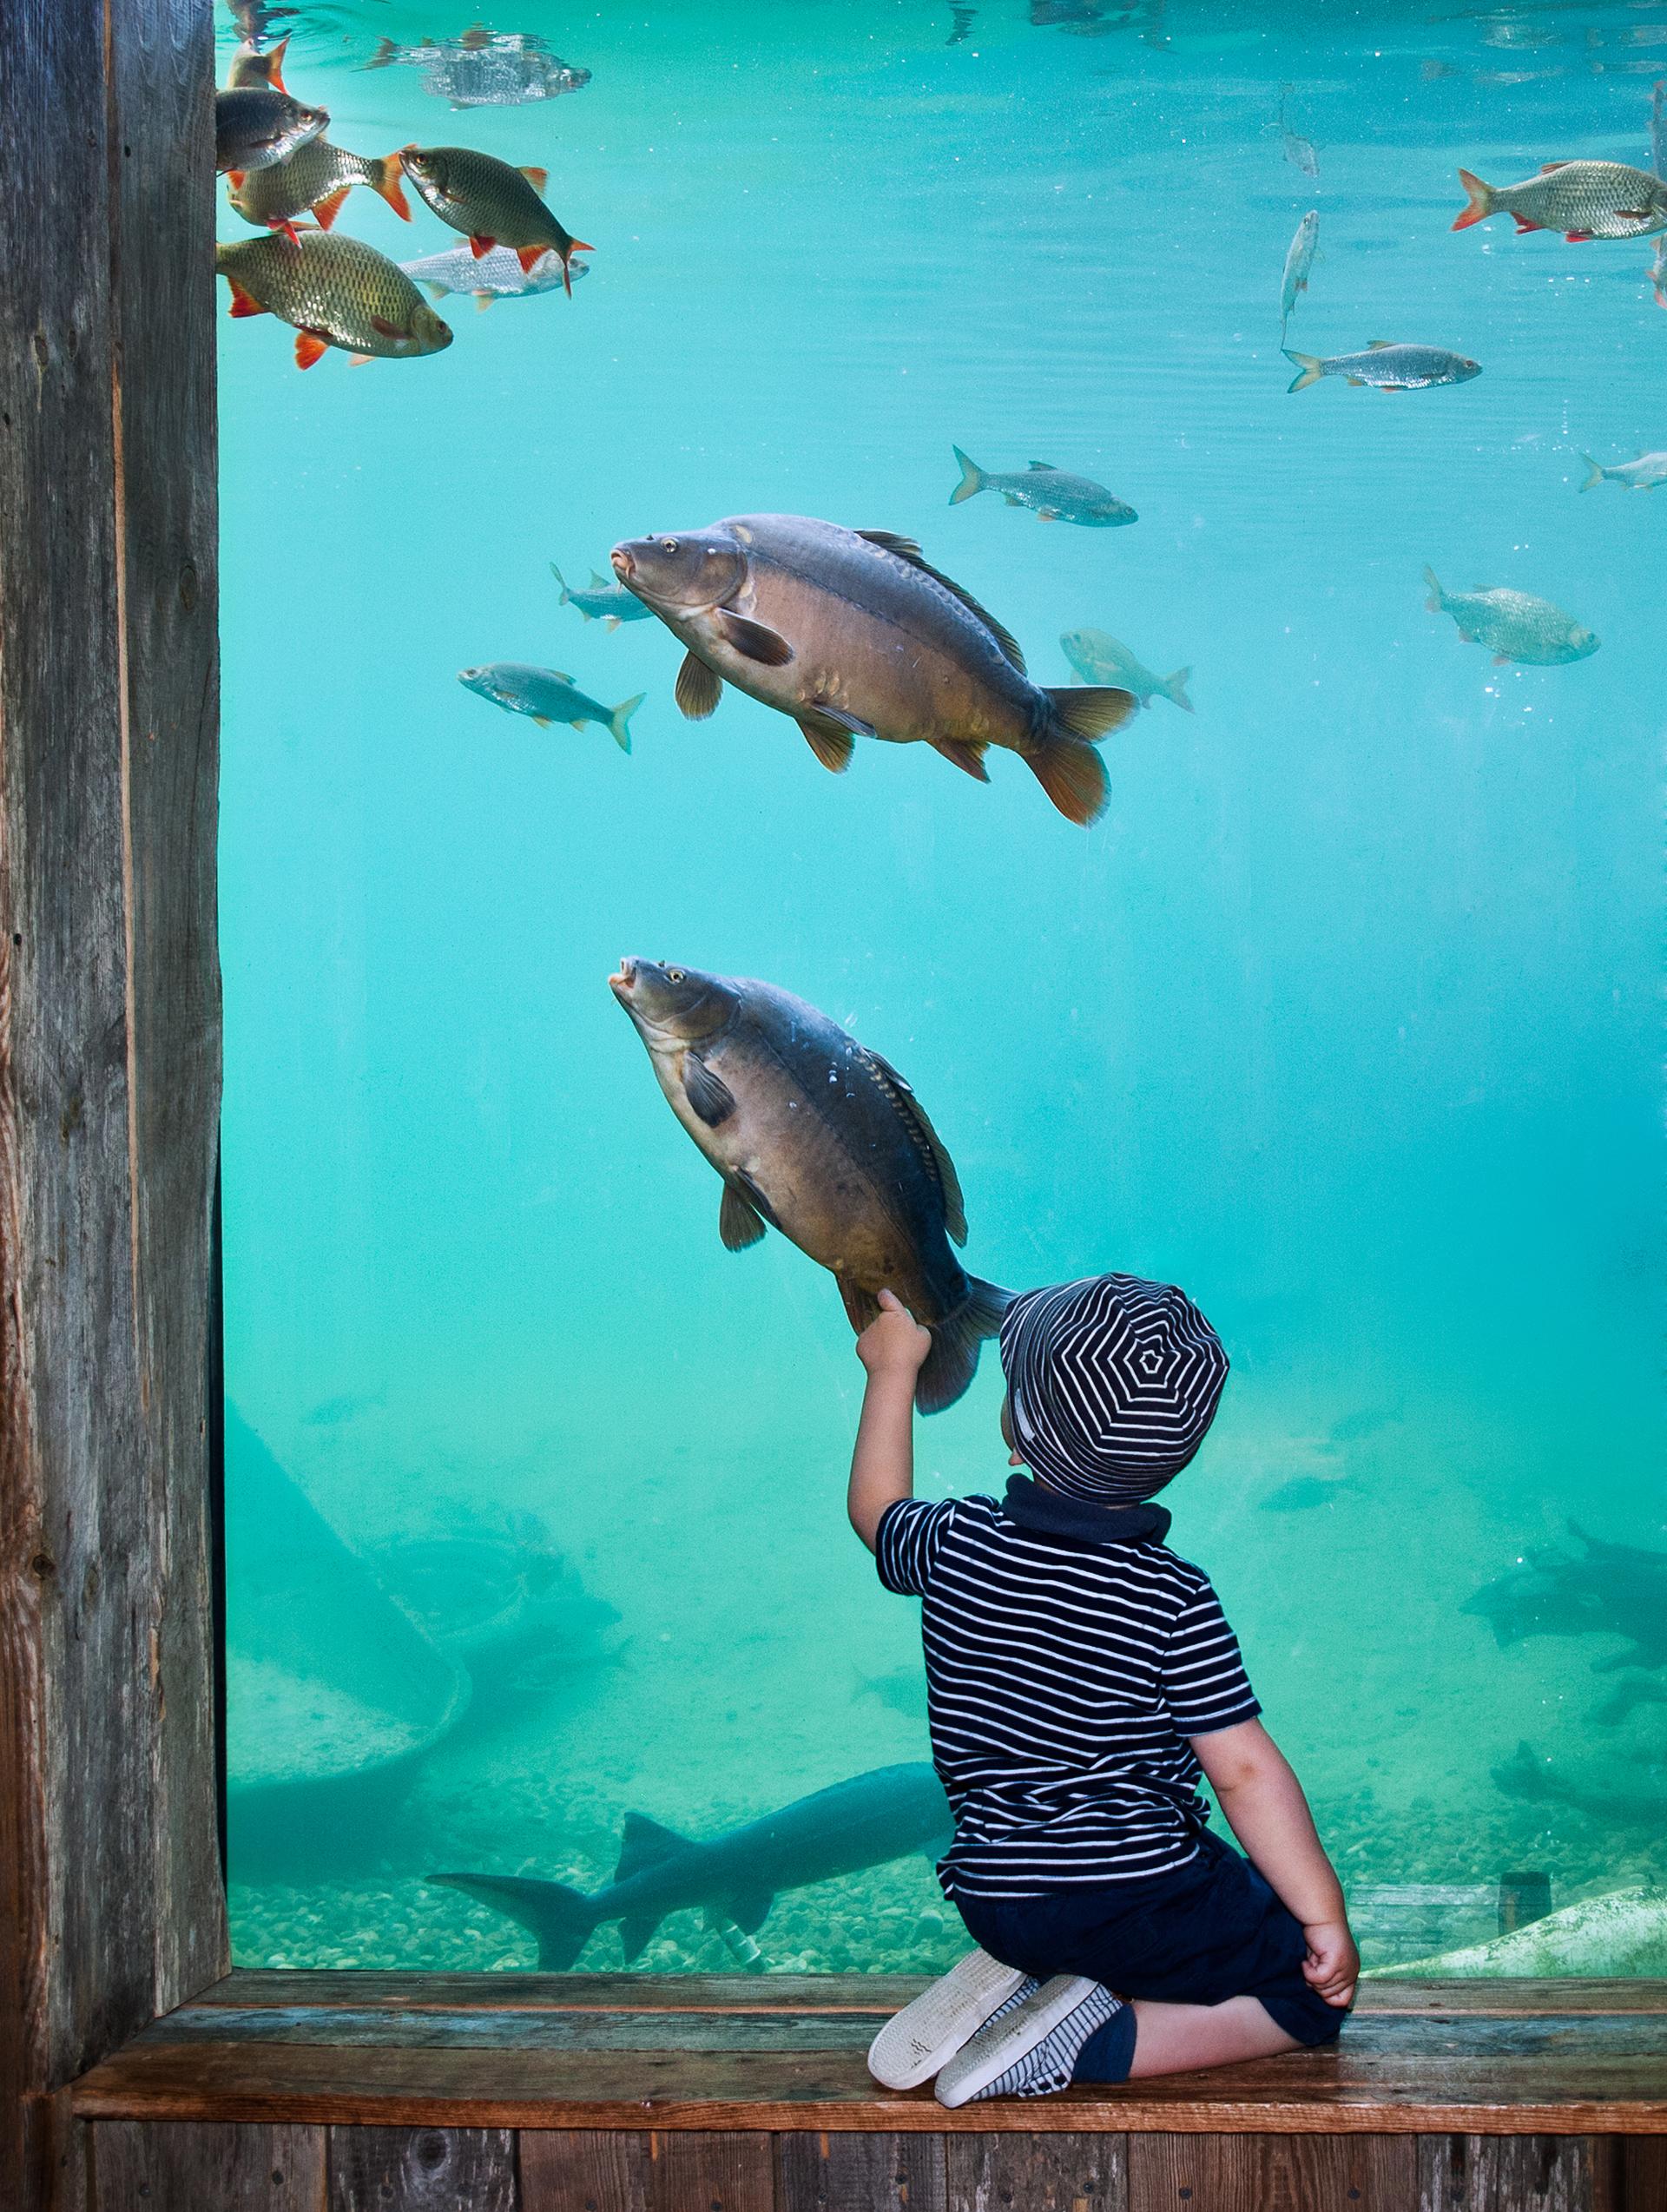 Fische an der Aquariums-Scheibe im Erlebnis-Aquarium Rövershagen